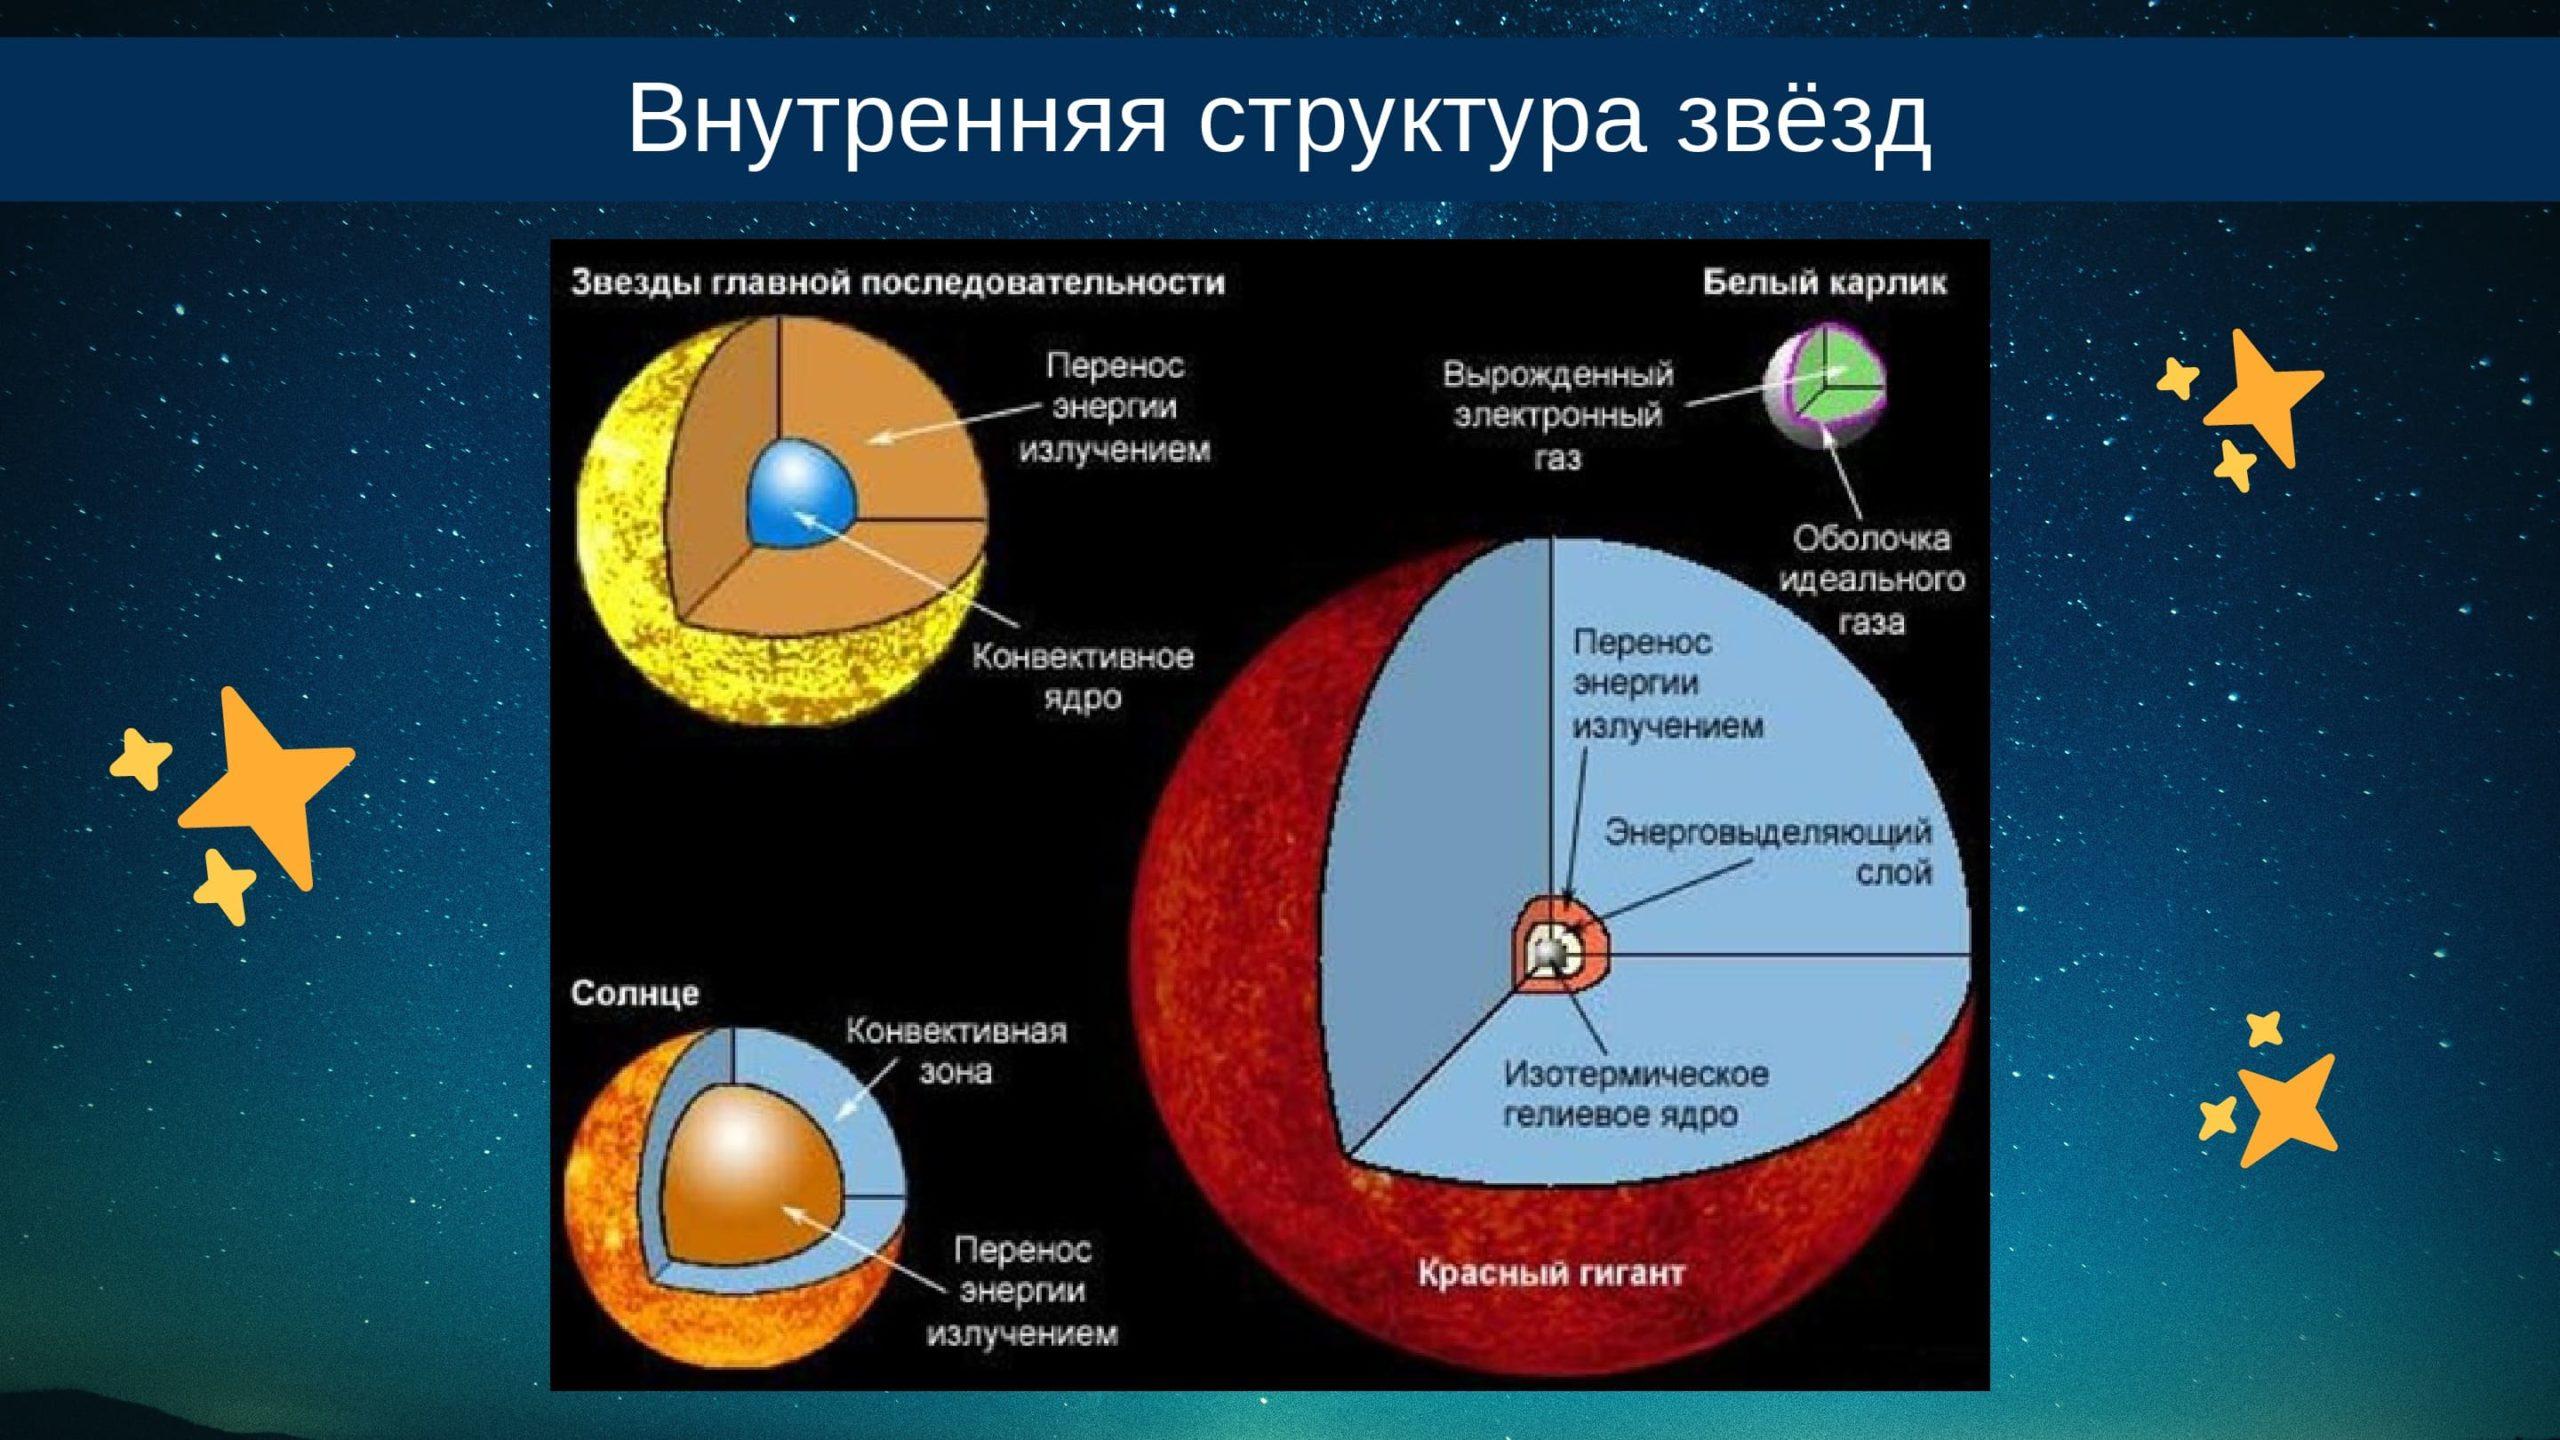 Внутренняя структура звёзд